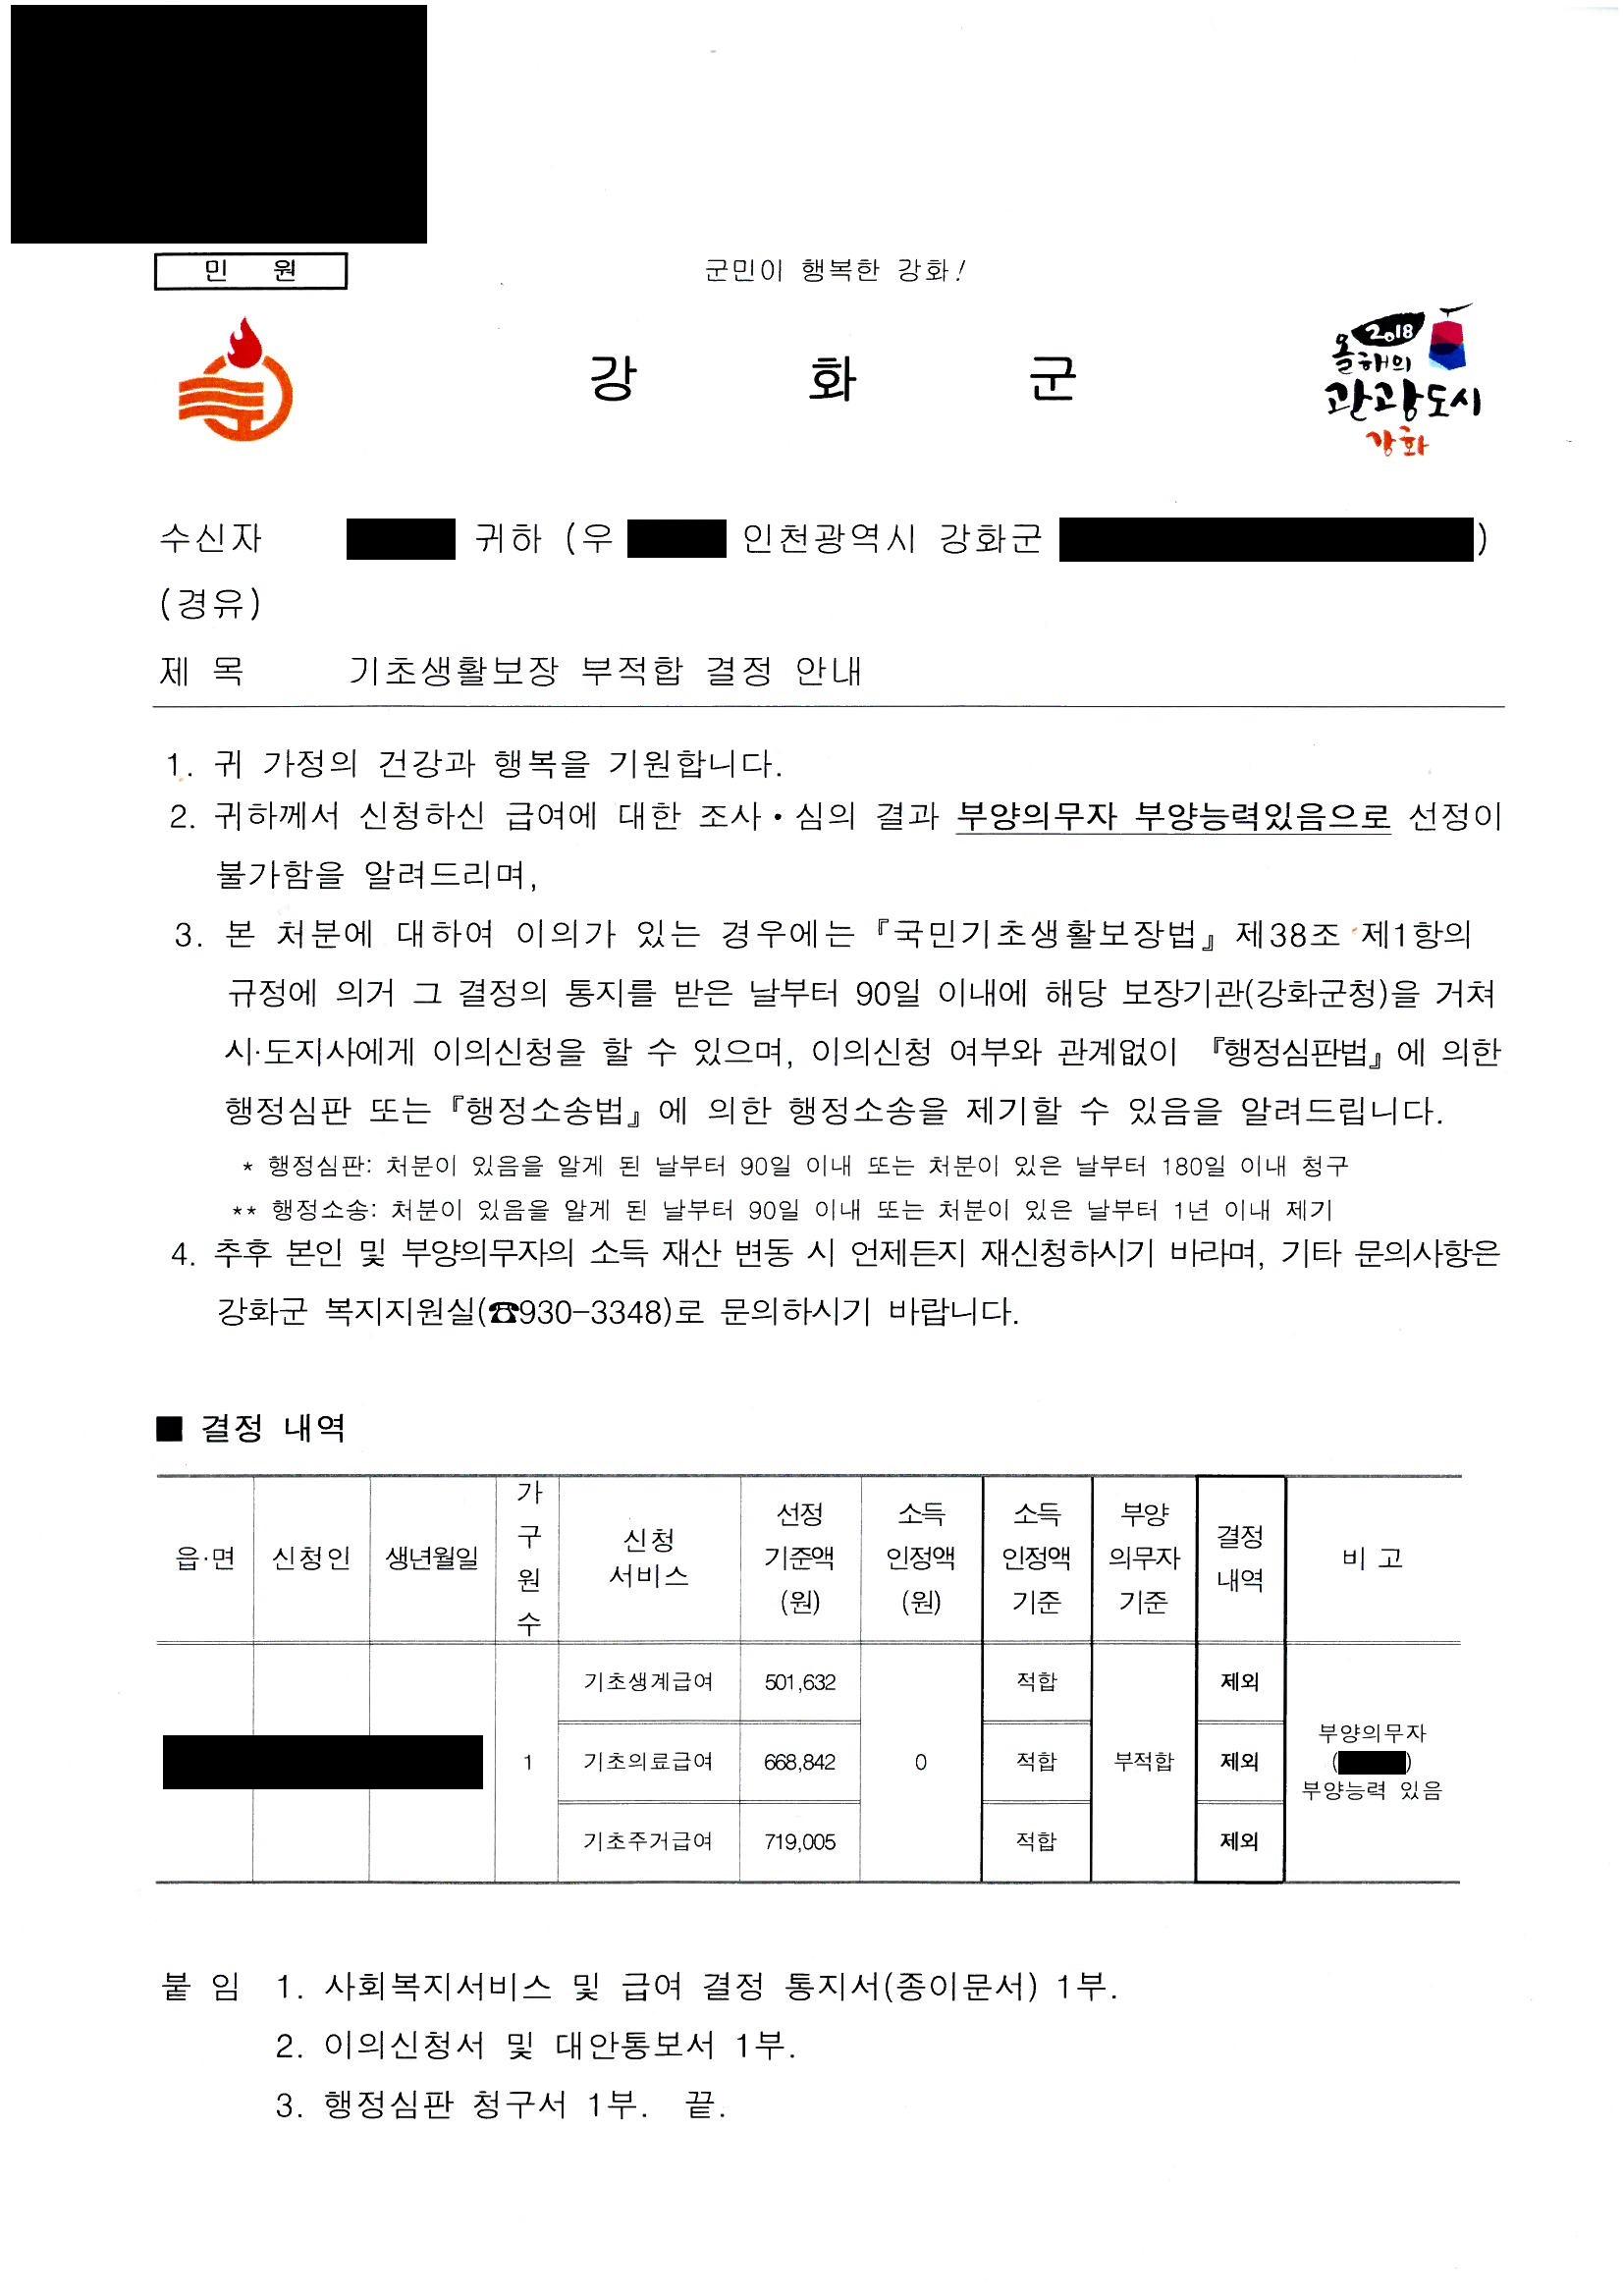 수정_기초생활보장 부적합 결정 안내_강화군 공문_복지지원실-43178(2018.5.25)_1.jpg